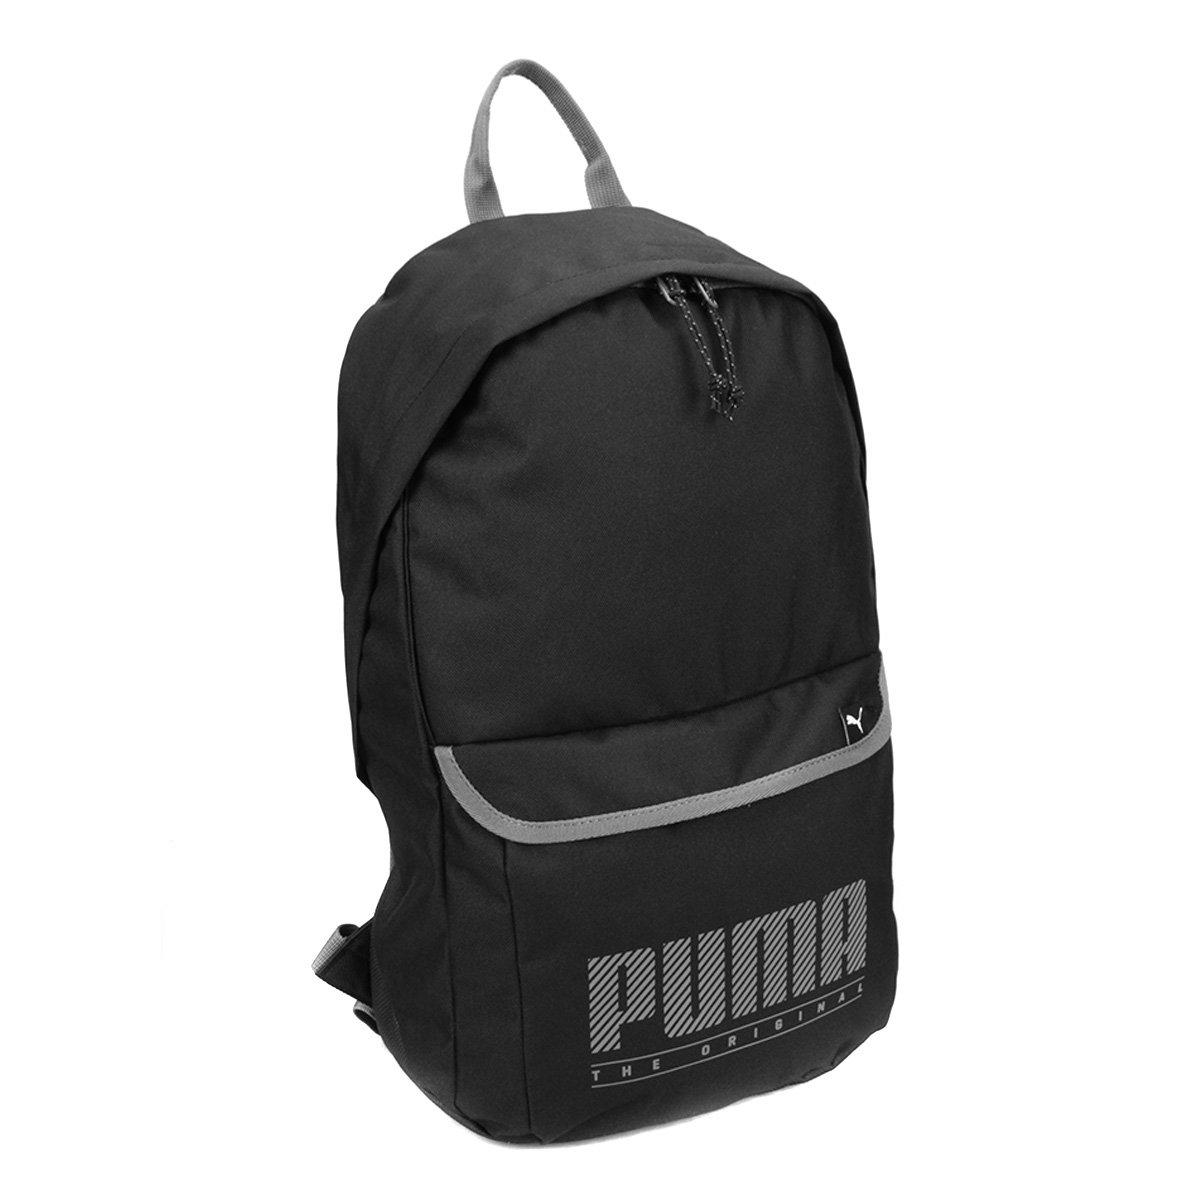 Mochila Puma Sole Backpack - Preto - Compre Agora  36d30c206ad21